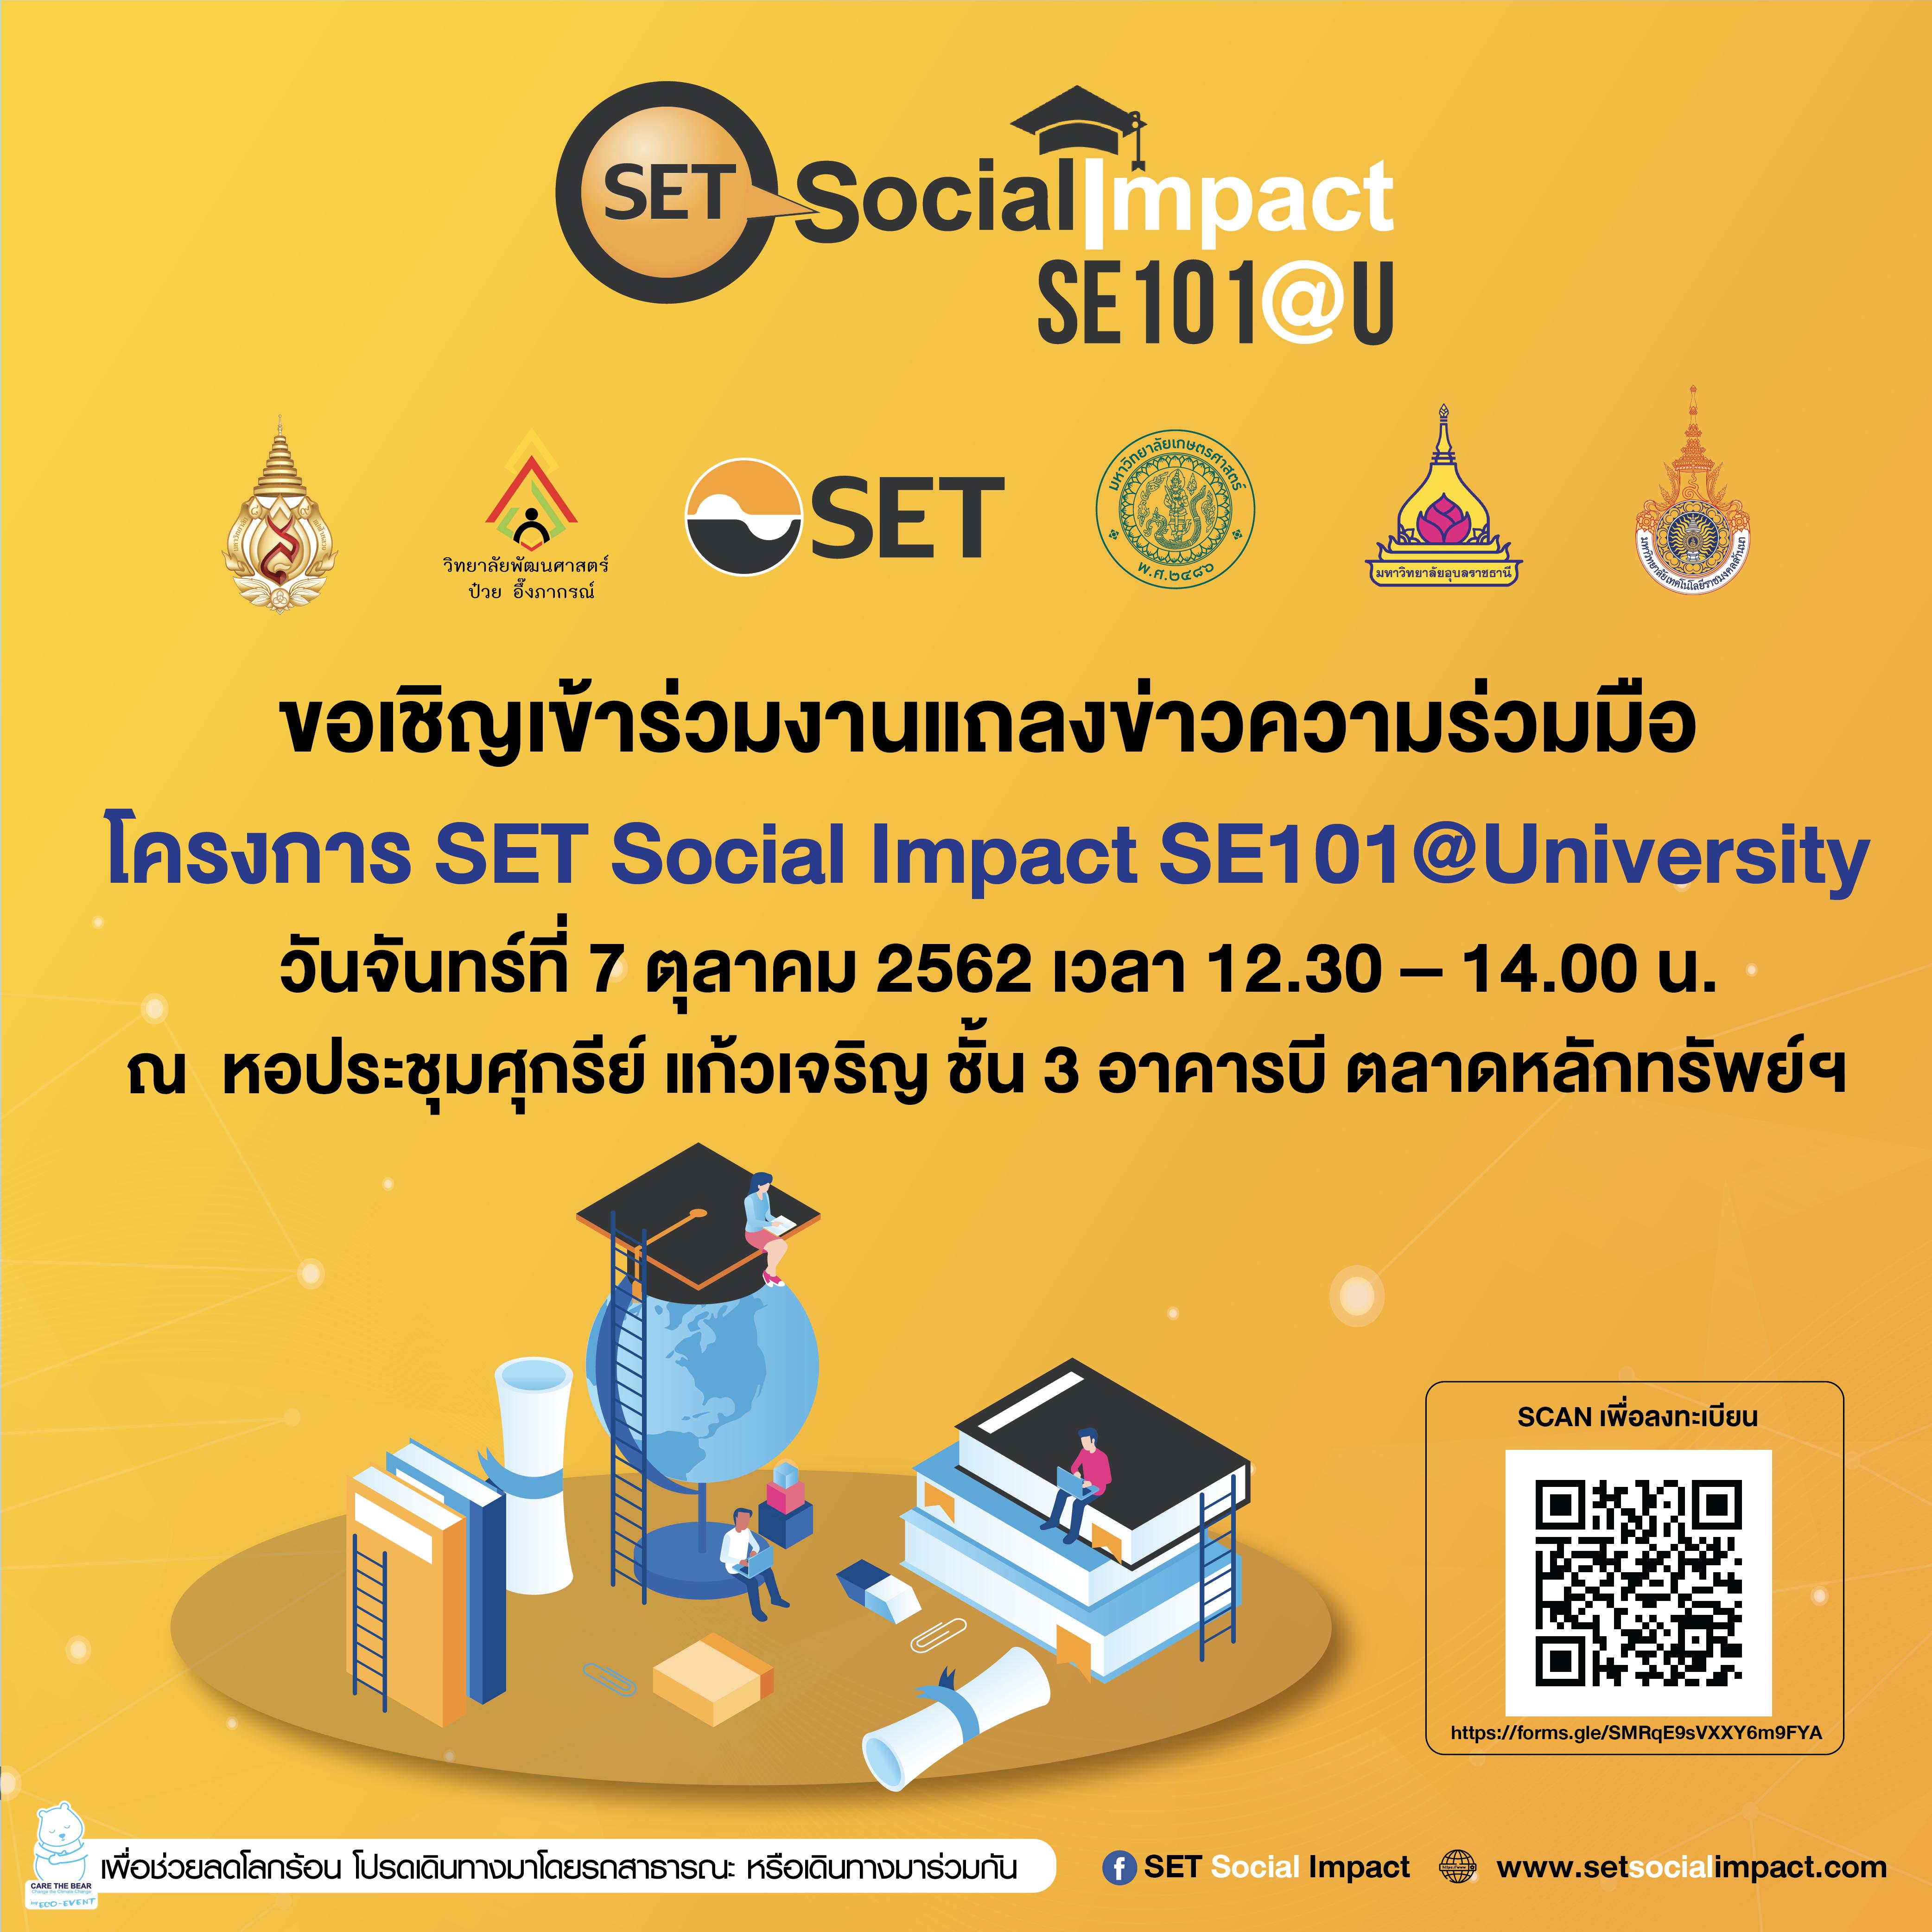 งานแถลงข่าวความร่วมมือ โครงการ SET Social Impact SE101@Universit